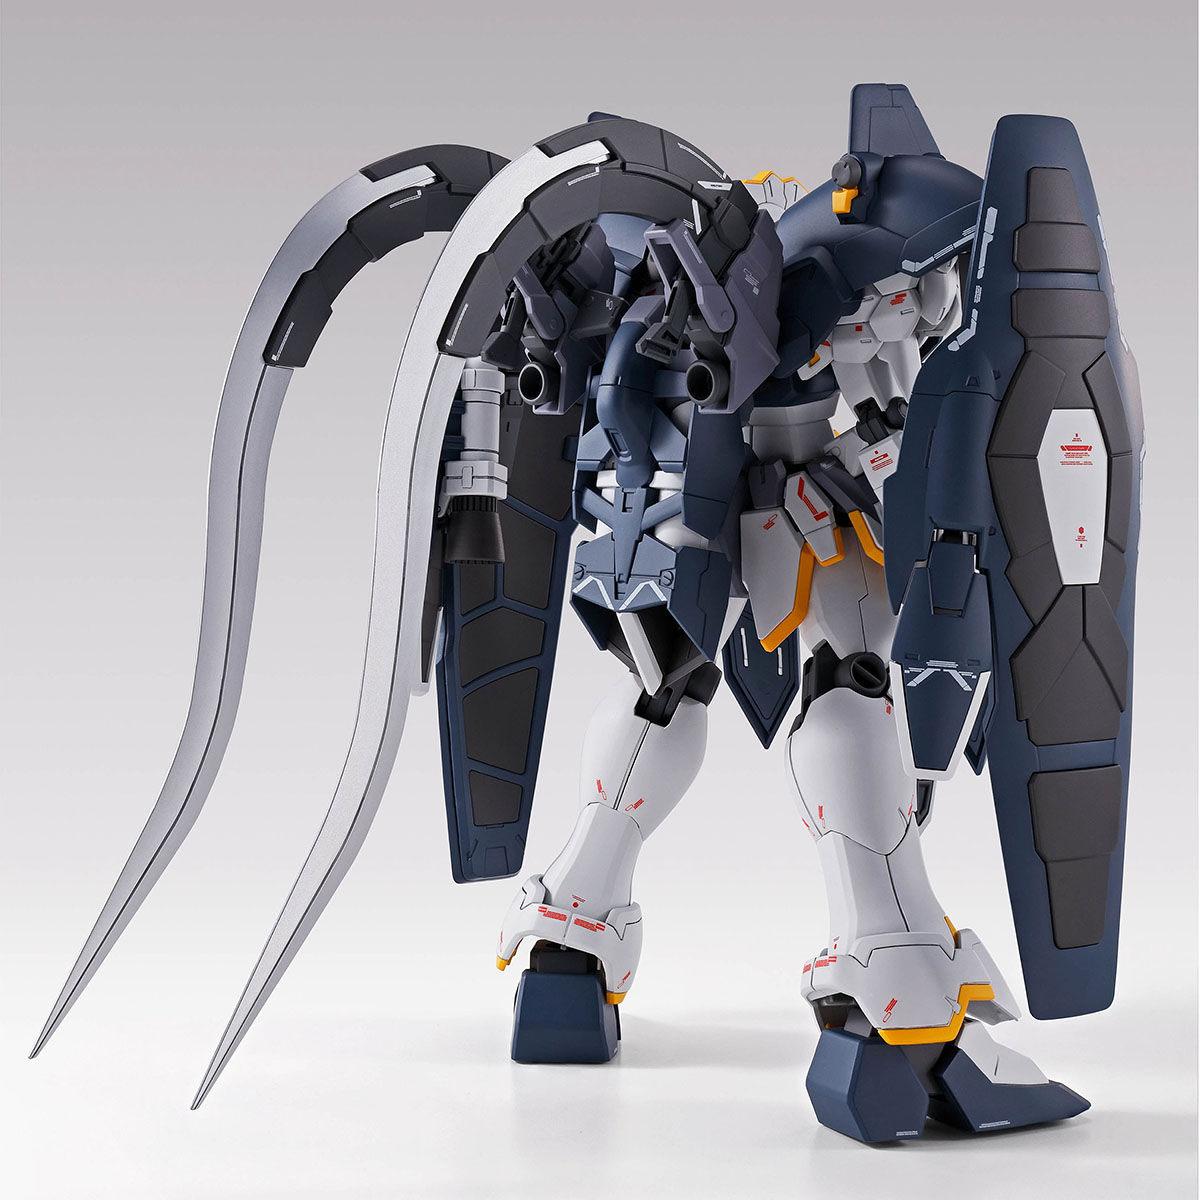 【限定販売】MG 1/100『ガンダムサンドロックEW(アーマディロ装備)』ガンダムW プラモデル-003